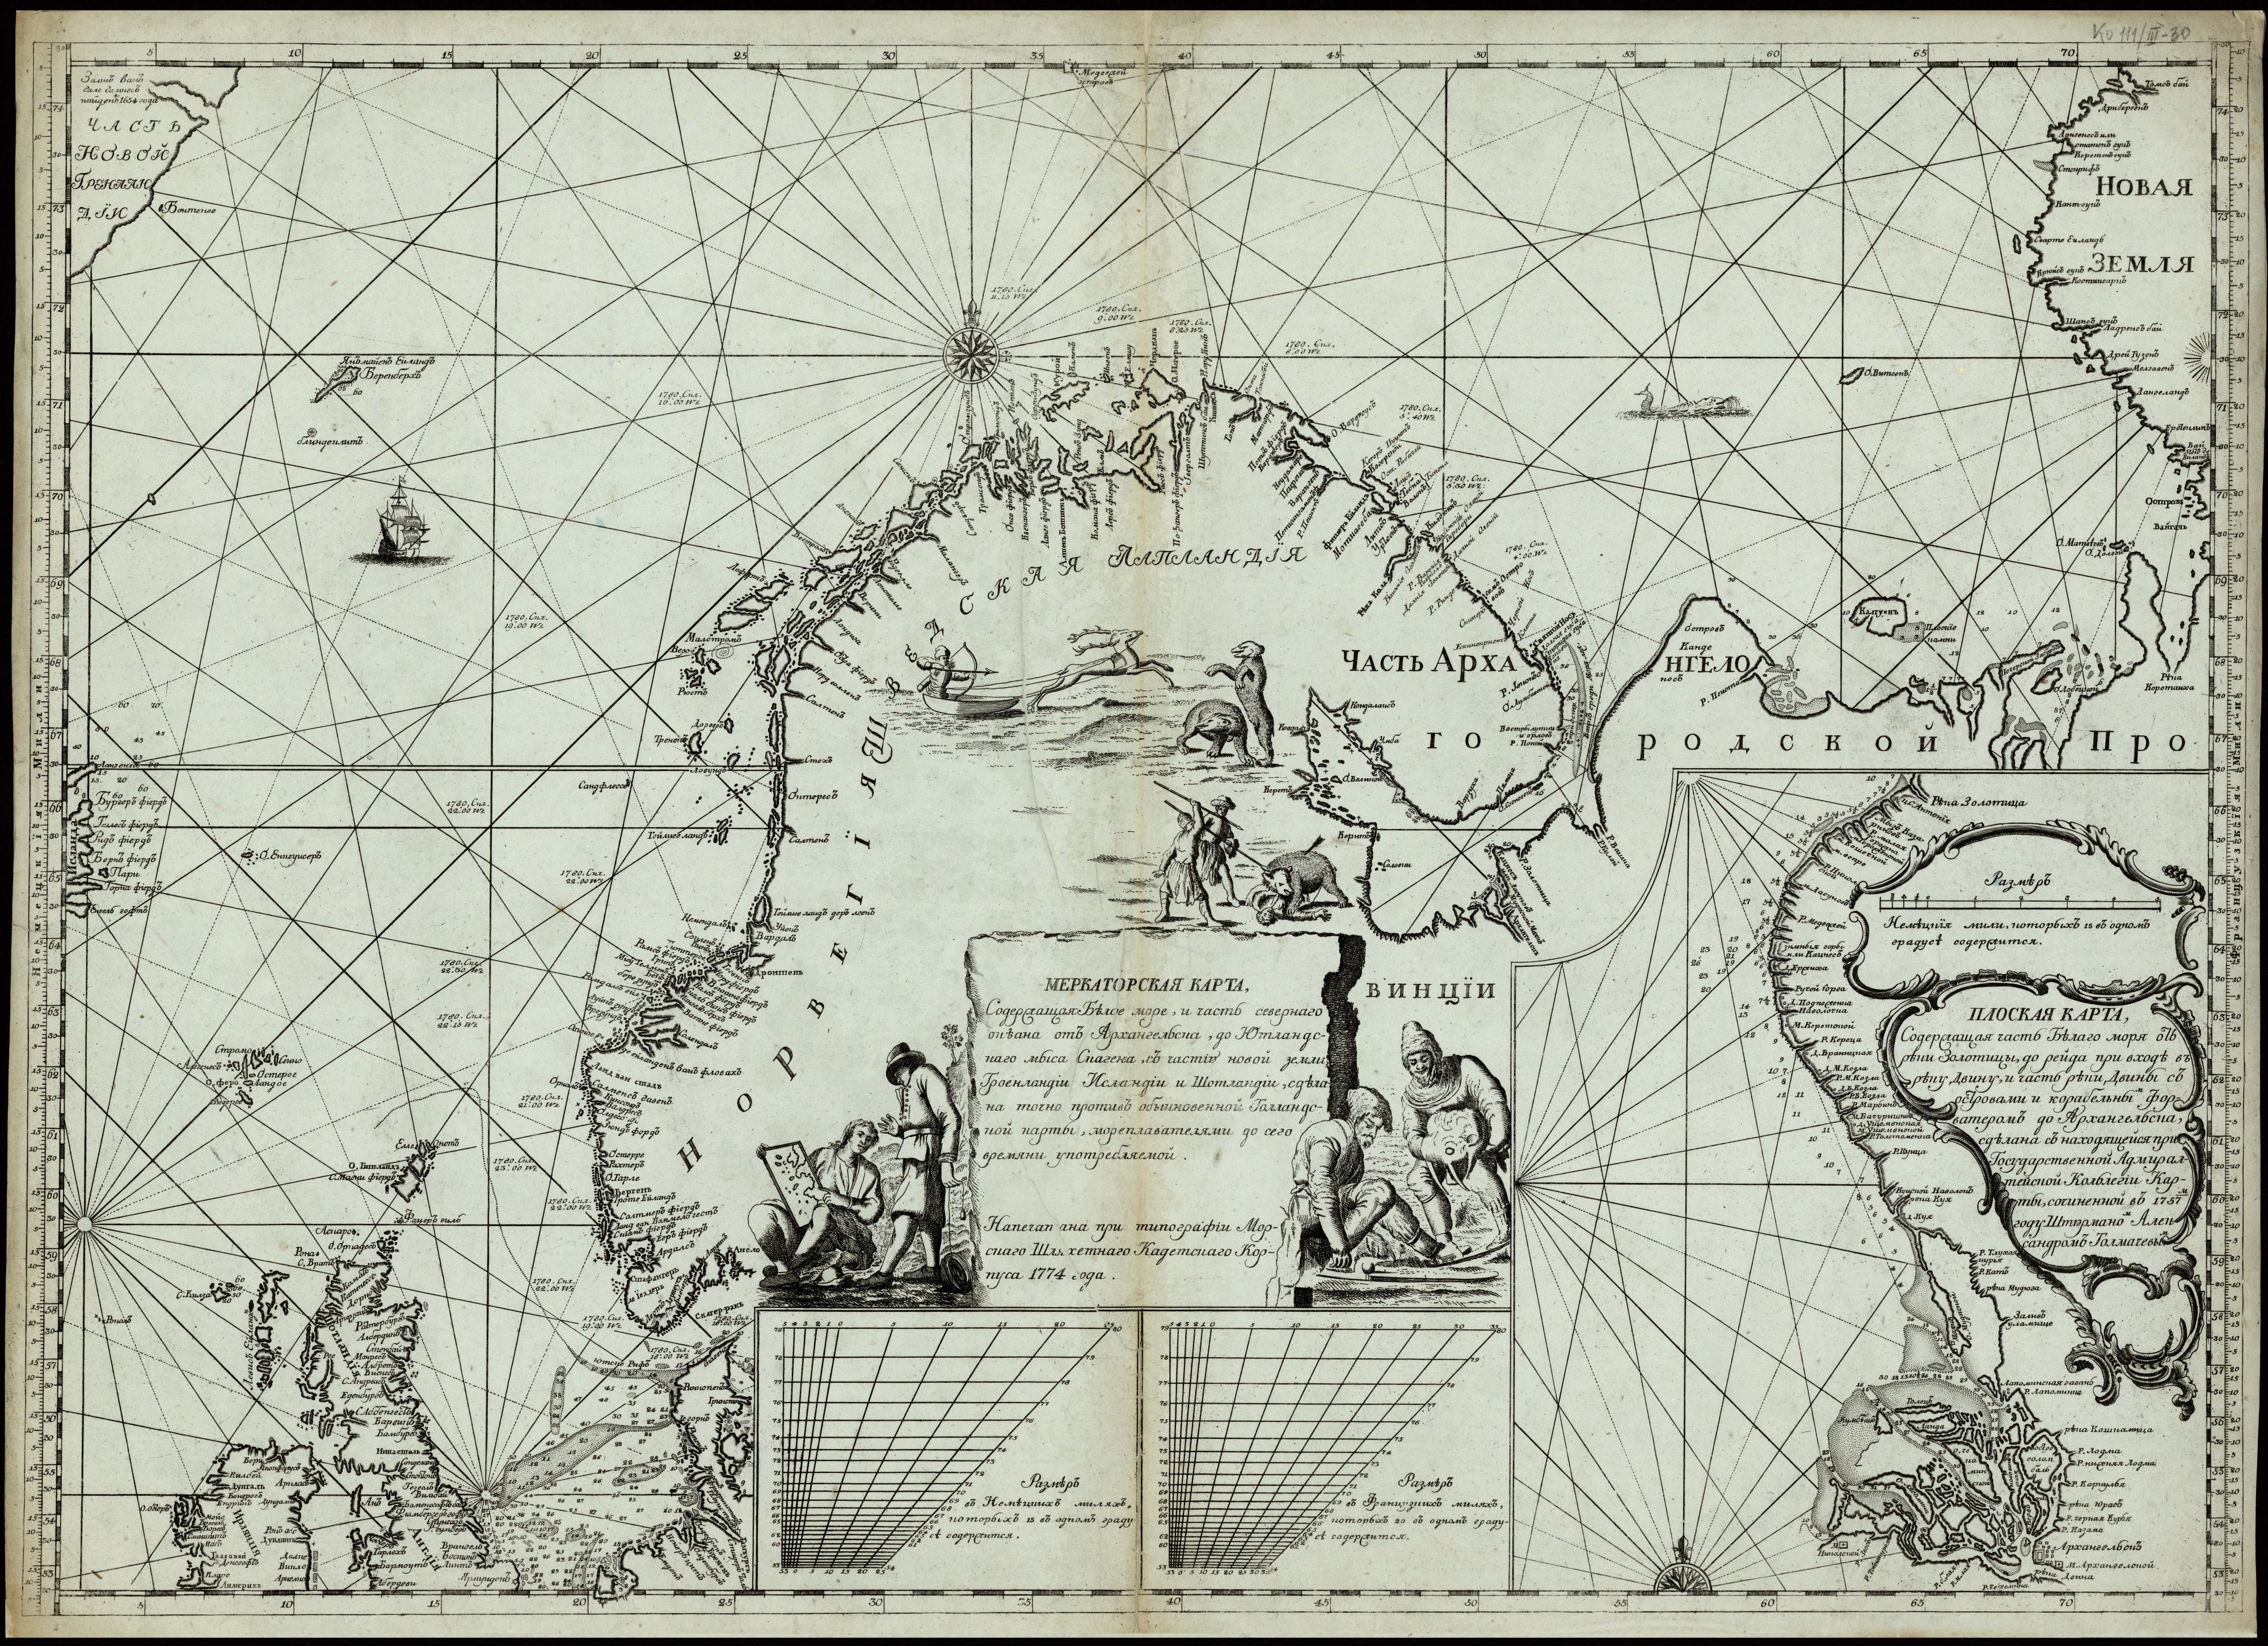 1774. Меркаторская карта, содержащая Белое море, и часть северного океана от Архангельска до Ютландского мыса Скагена, с частью Новой Земли, Гренландии, Исландии и Шотландии, сделана точно против обыкновенной голландской карты, мореплавателями до сего вре